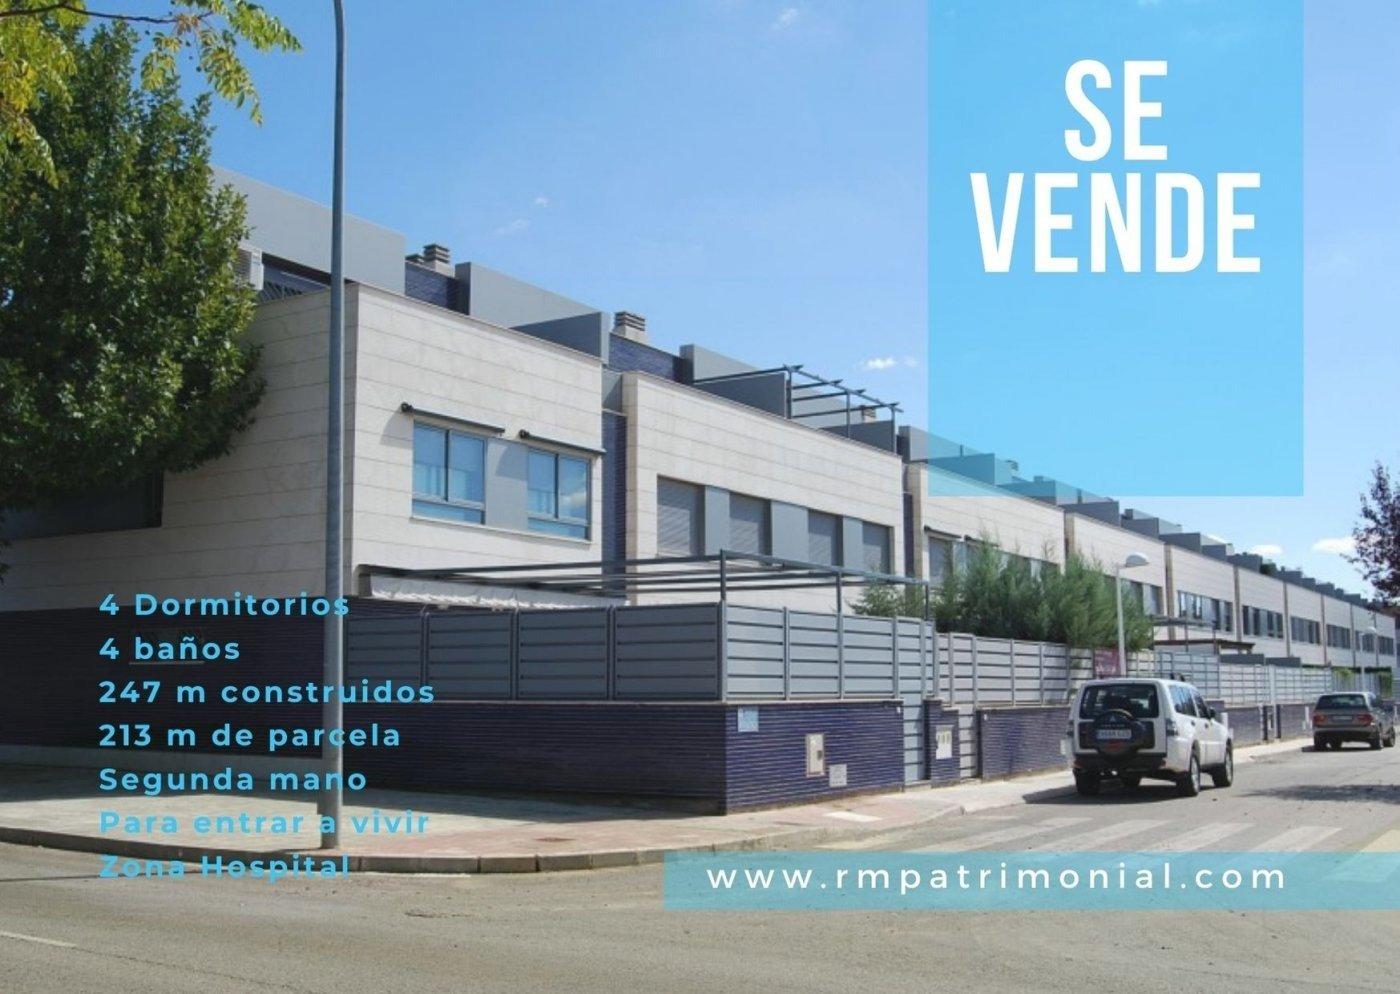 Adosado en venta en Hospital General, Ciudad Real